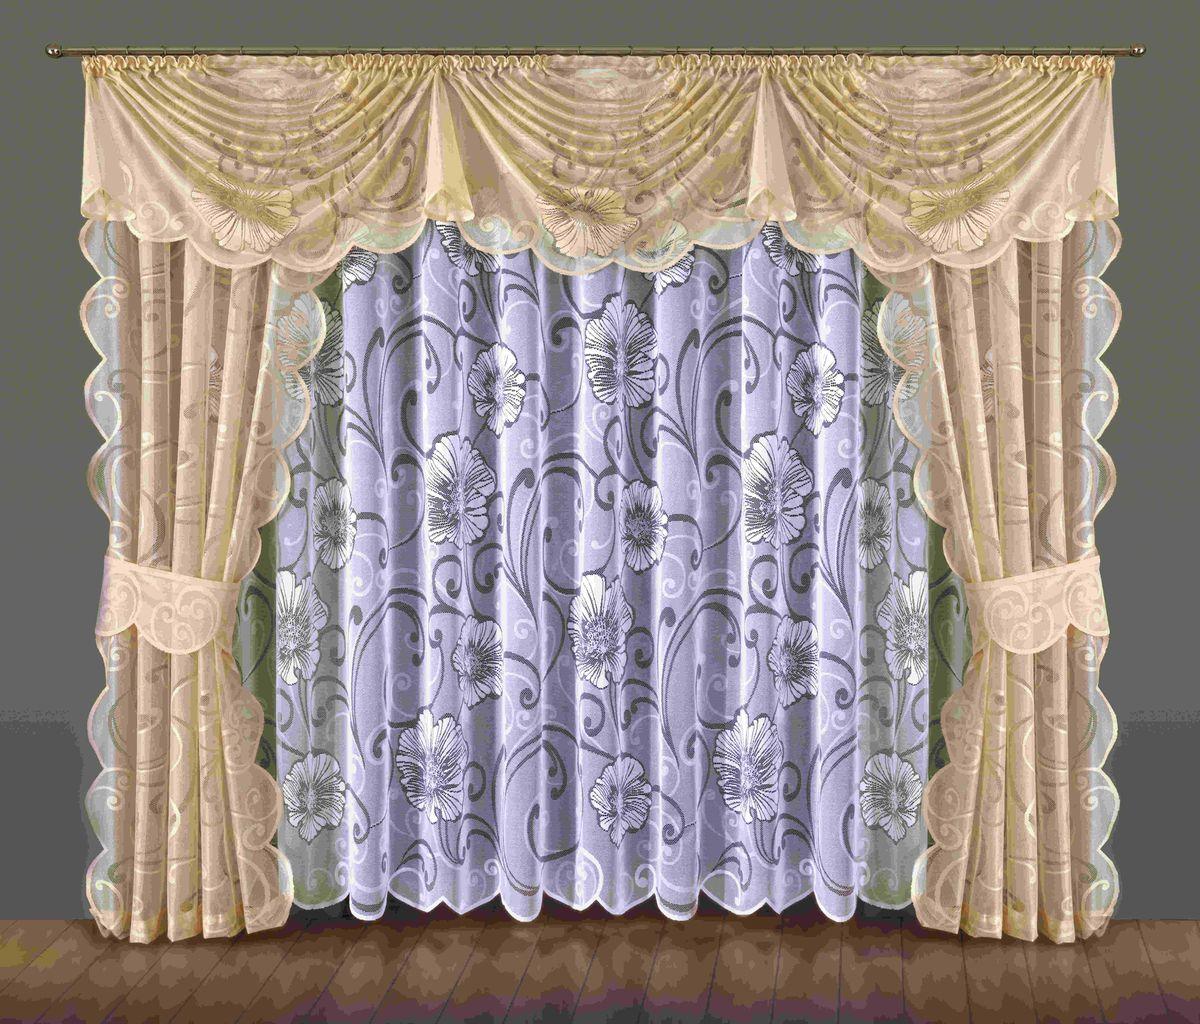 Комплект штор Wisan Bonita, на ленте, цвет: белый, бежевый, высота 250 см196WКомплект штор Wisan Bonita выполненный из полиэстера, великолепно украсит любое окно. В комплект входят 2 шторы, тюль, ламбрекен и 2 подхвата. Цветочный орнамент придает комплекту особый стиль и шарм. Тонкое плетение, нежная цветовая гамма и роскошное исполнение - все это делает шторы Wisan Bonita замечательным дополнением интерьера помещения.Комплект оснащен шторной лентой для красивой сборки. В комплект входит: Штора - 2 шт. Размер (ШхВ): 145 см х 250 см.Тюль - 1 шт. Размер (ШхВ): 400 см х 250 см. Ламбрекен - 1 шт. Размер (ШхВ): 360 см х 60 см. Подхват - 2 шт.Фирма Wisan на польском рынке существует уже более пятидесяти лет и является одной из лучших польских фабрик по производству штор и тканей. Ассортимент фирмы представлен готовыми комплектами штор для гостиной, детской, кухни, а также текстилем для кухни (скатерти, салфетки, дорожки, кухонные занавески). Модельный ряд отличает оригинальный дизайн, высокое качество. Ассортимент продукции постоянно пополняется.